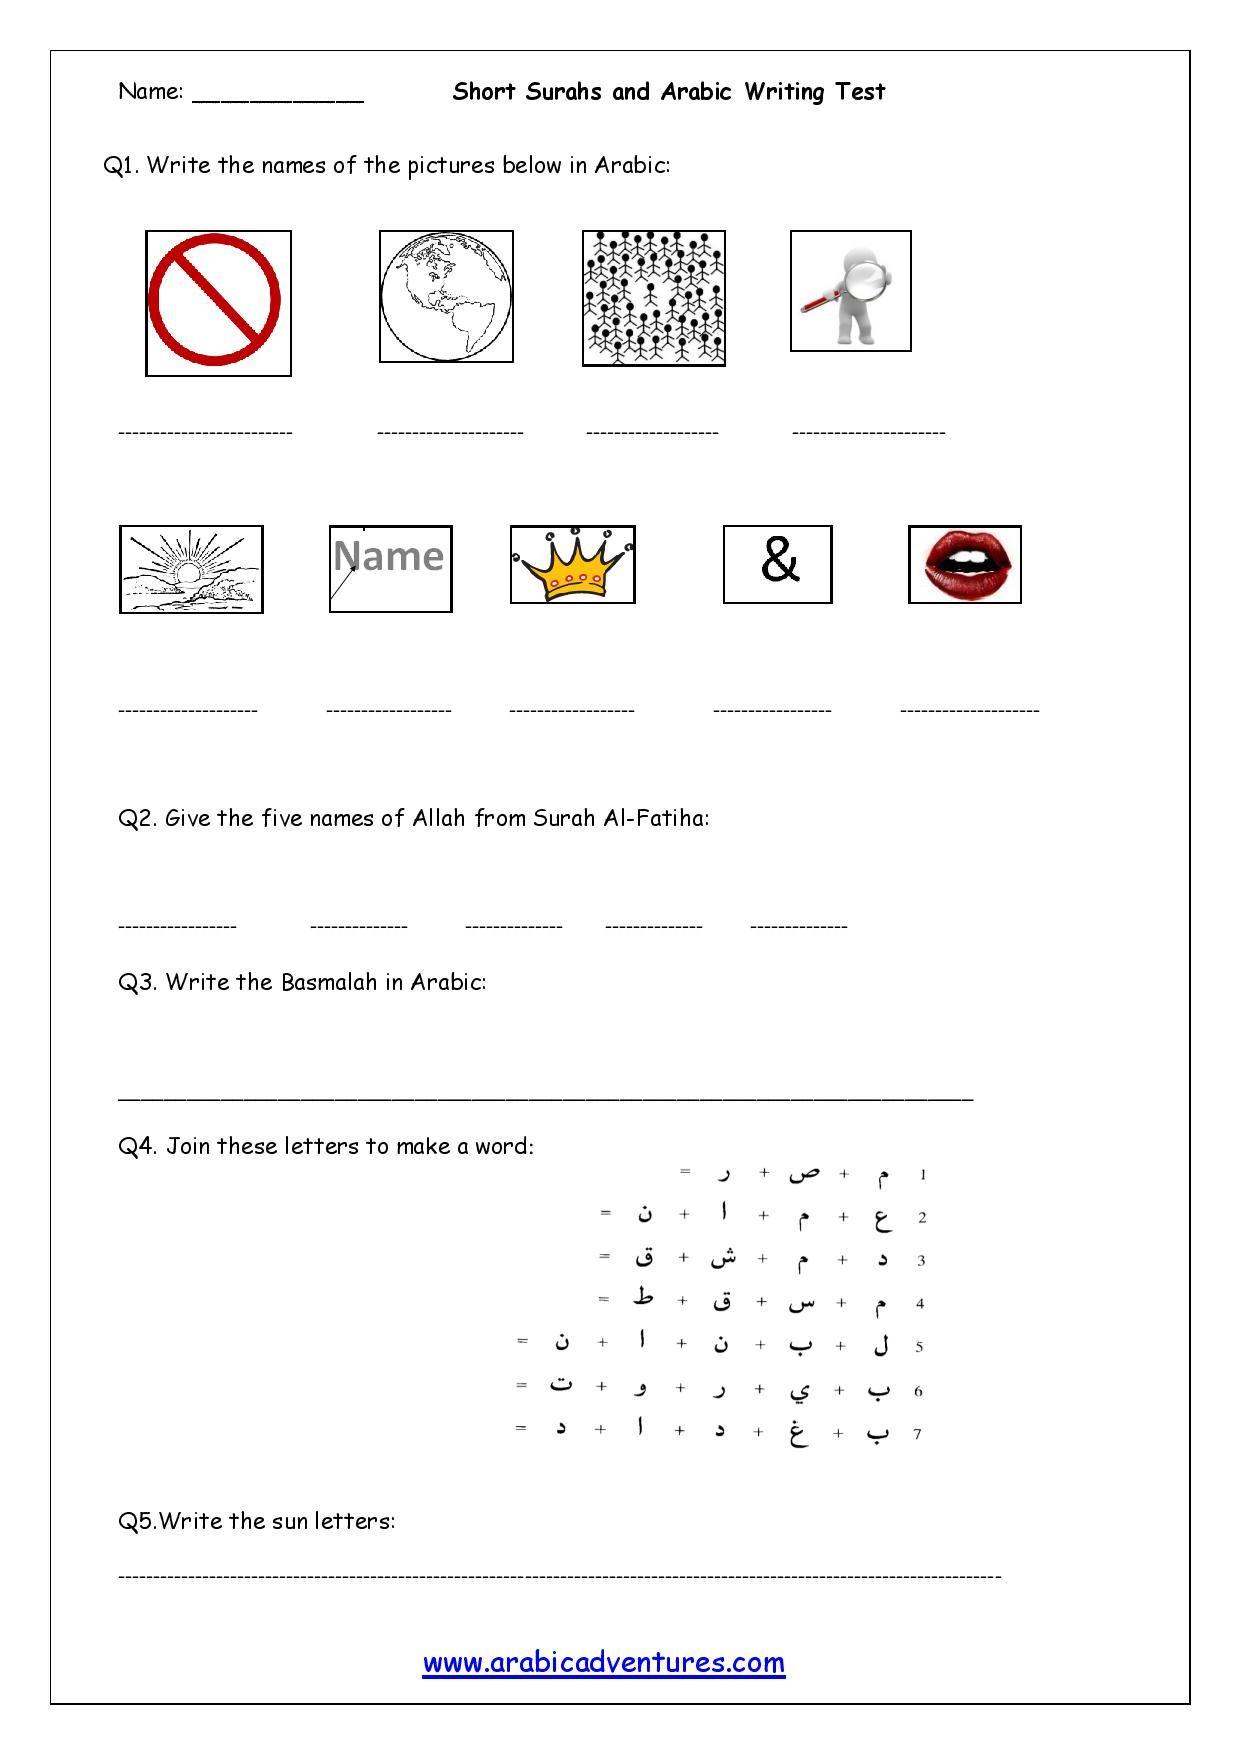 Short Surahs Keywords Worksheet With Handwriting Practice